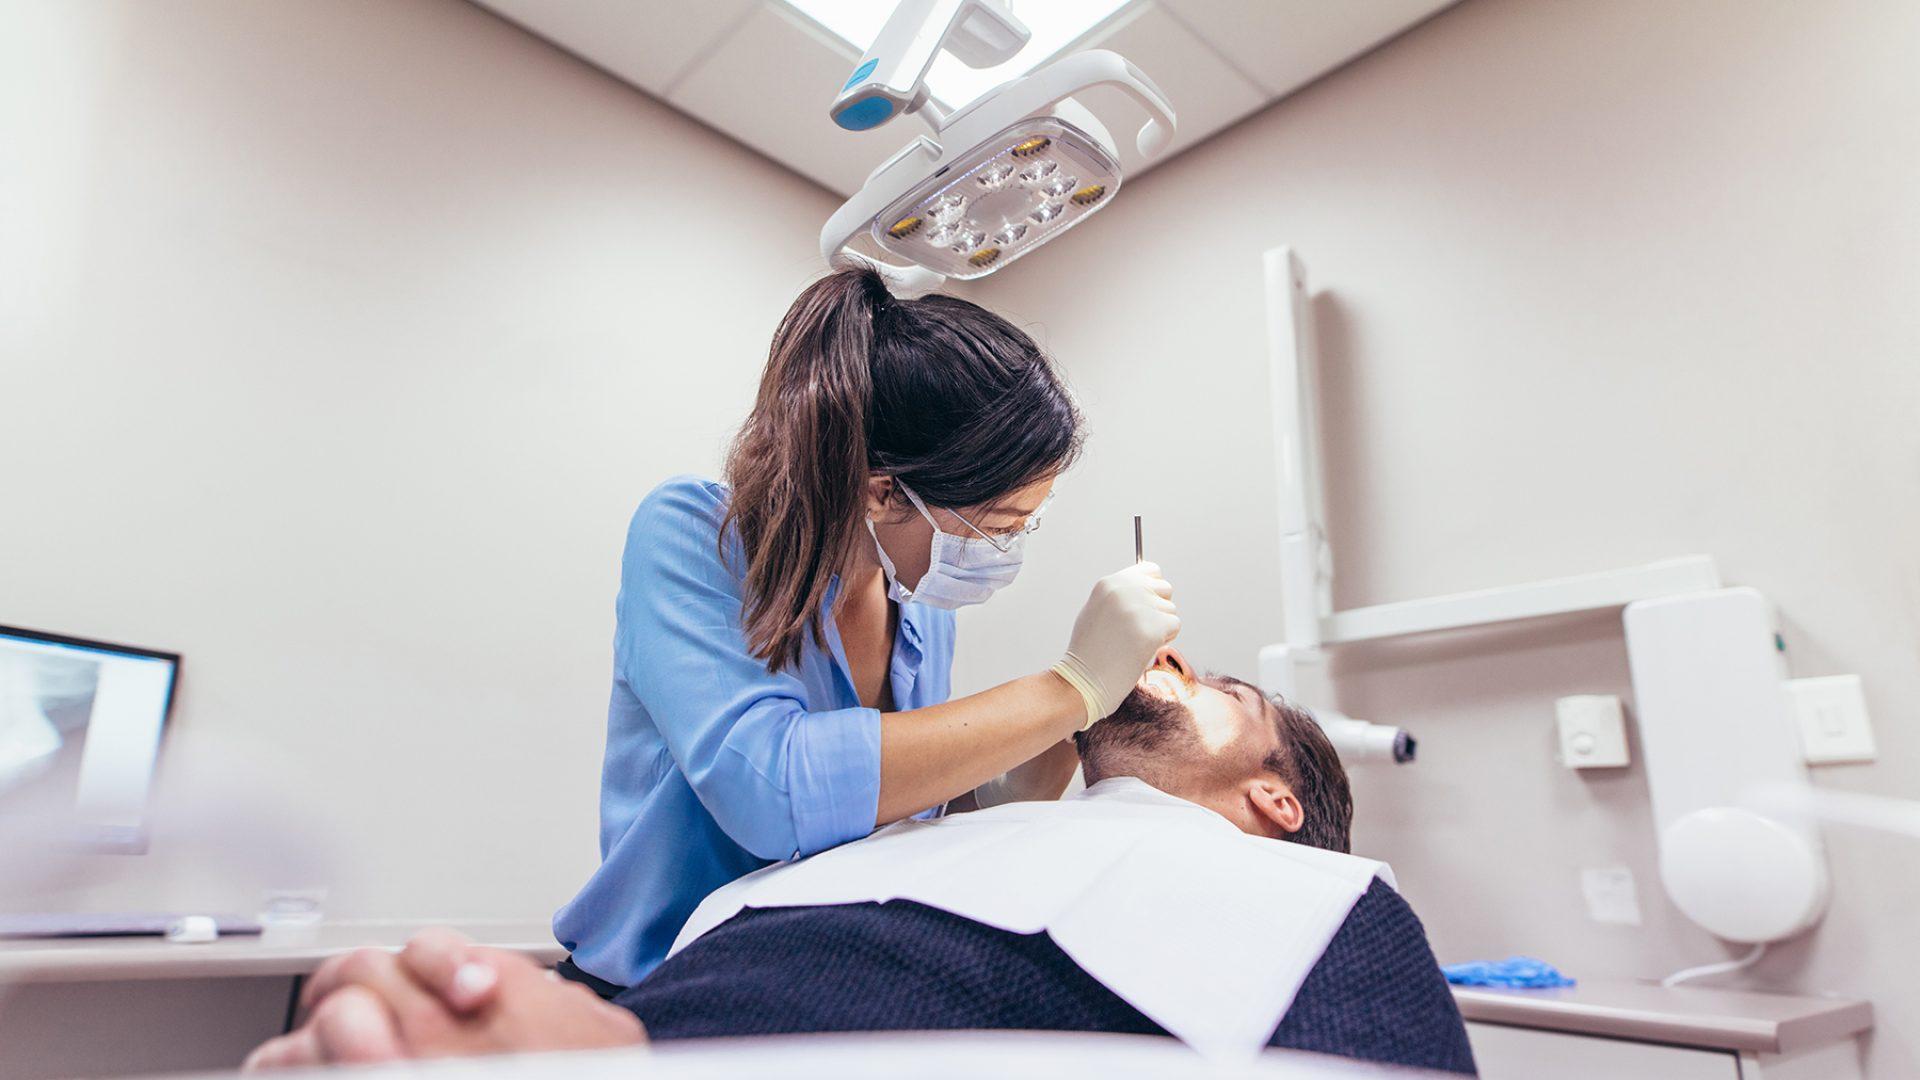 Dentistry in Spain